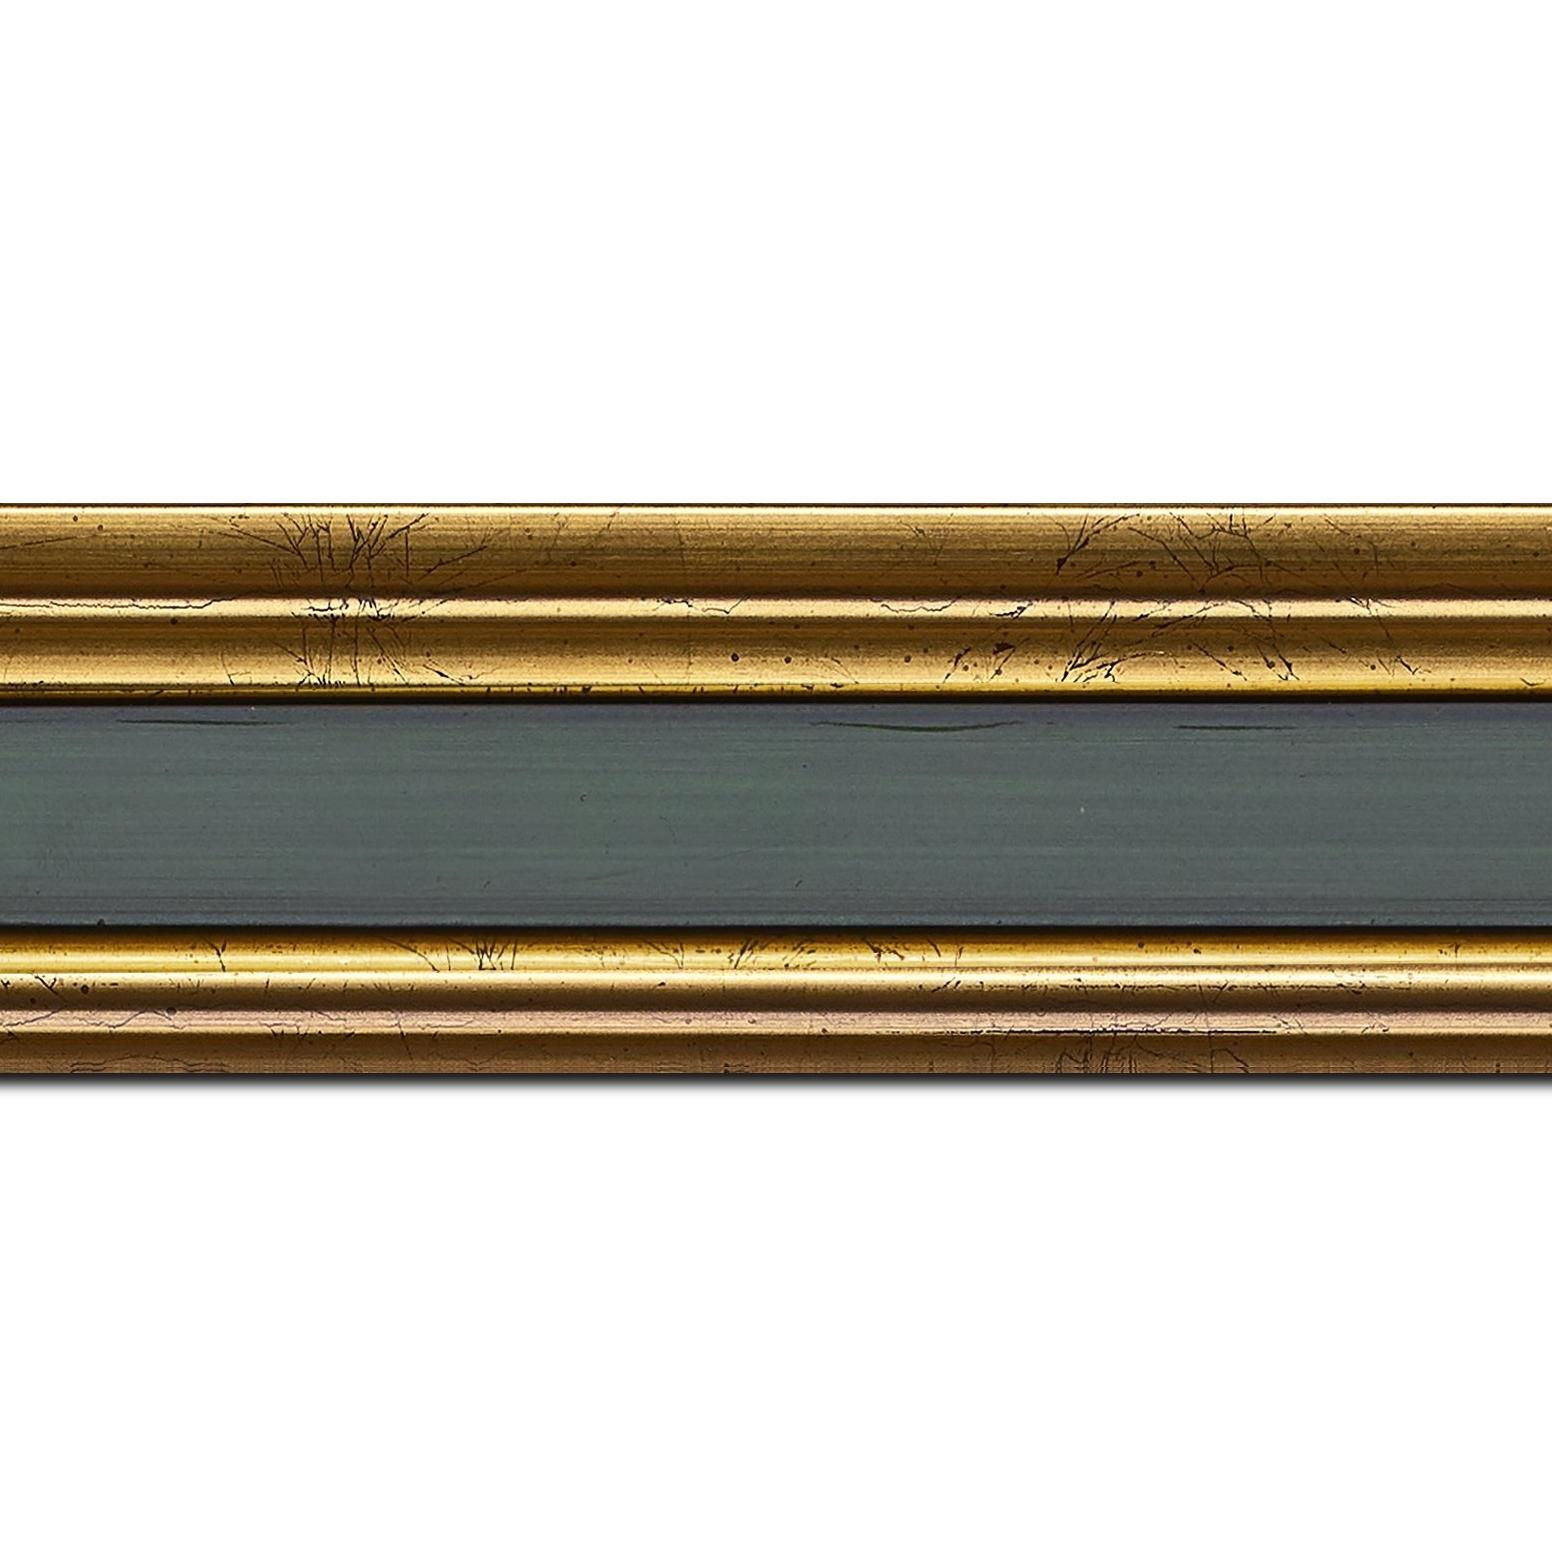 Baguette longueur 1.40m bois profil braque largeur 5.2cm or patiné gorge vert foncé antique